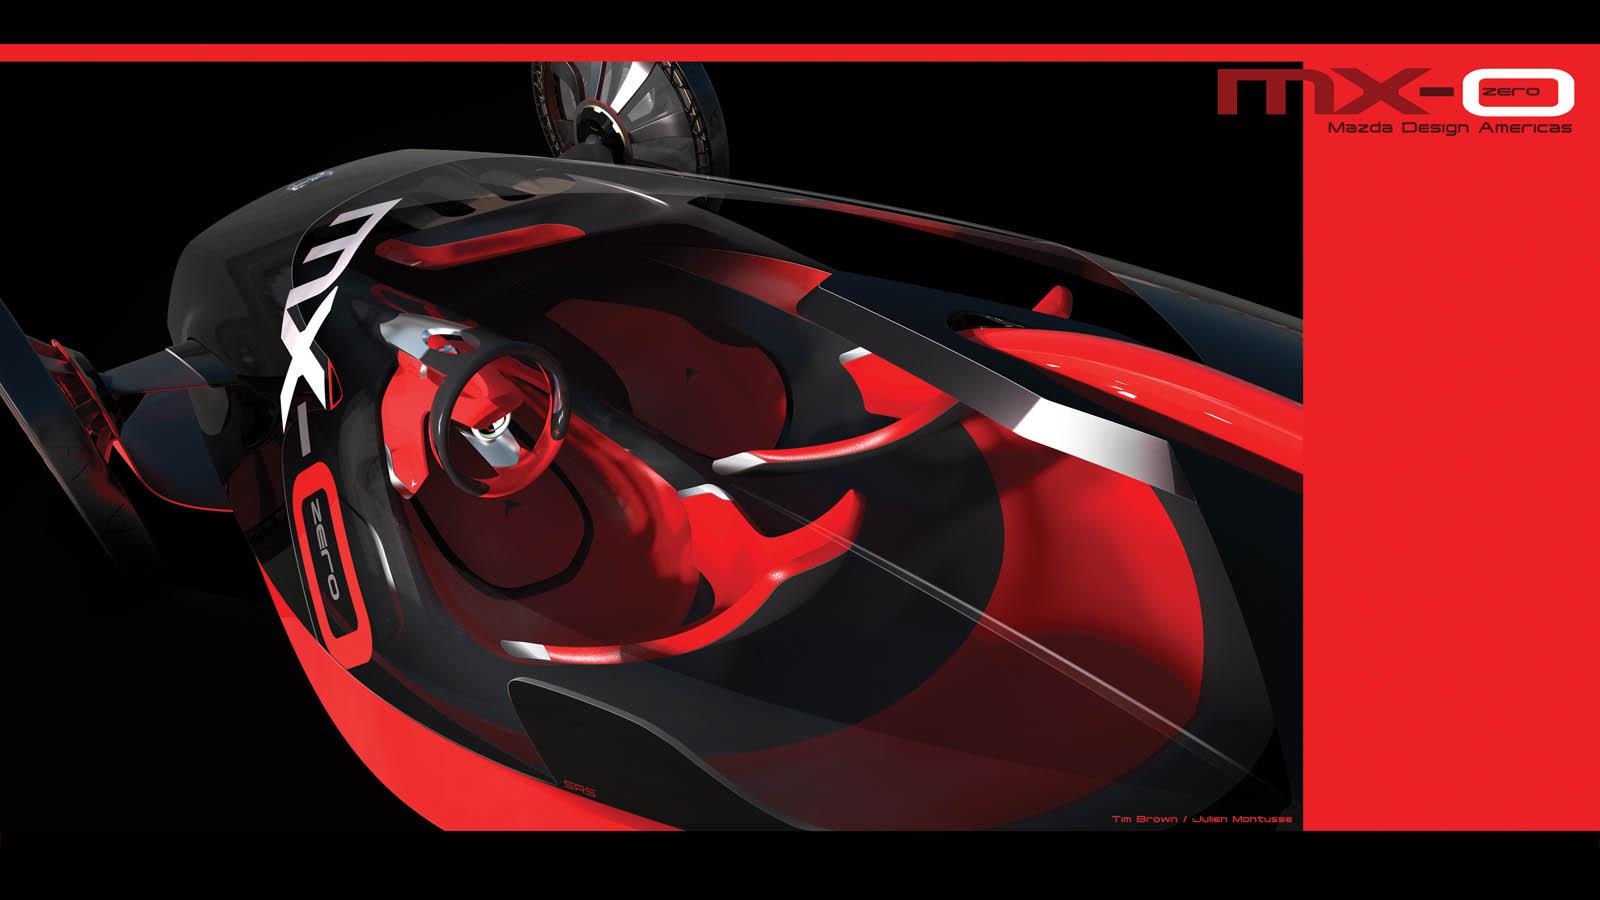 Mazda MX 0 LA Design Challenge Concept Video   Car Design TV HD Wallpaper